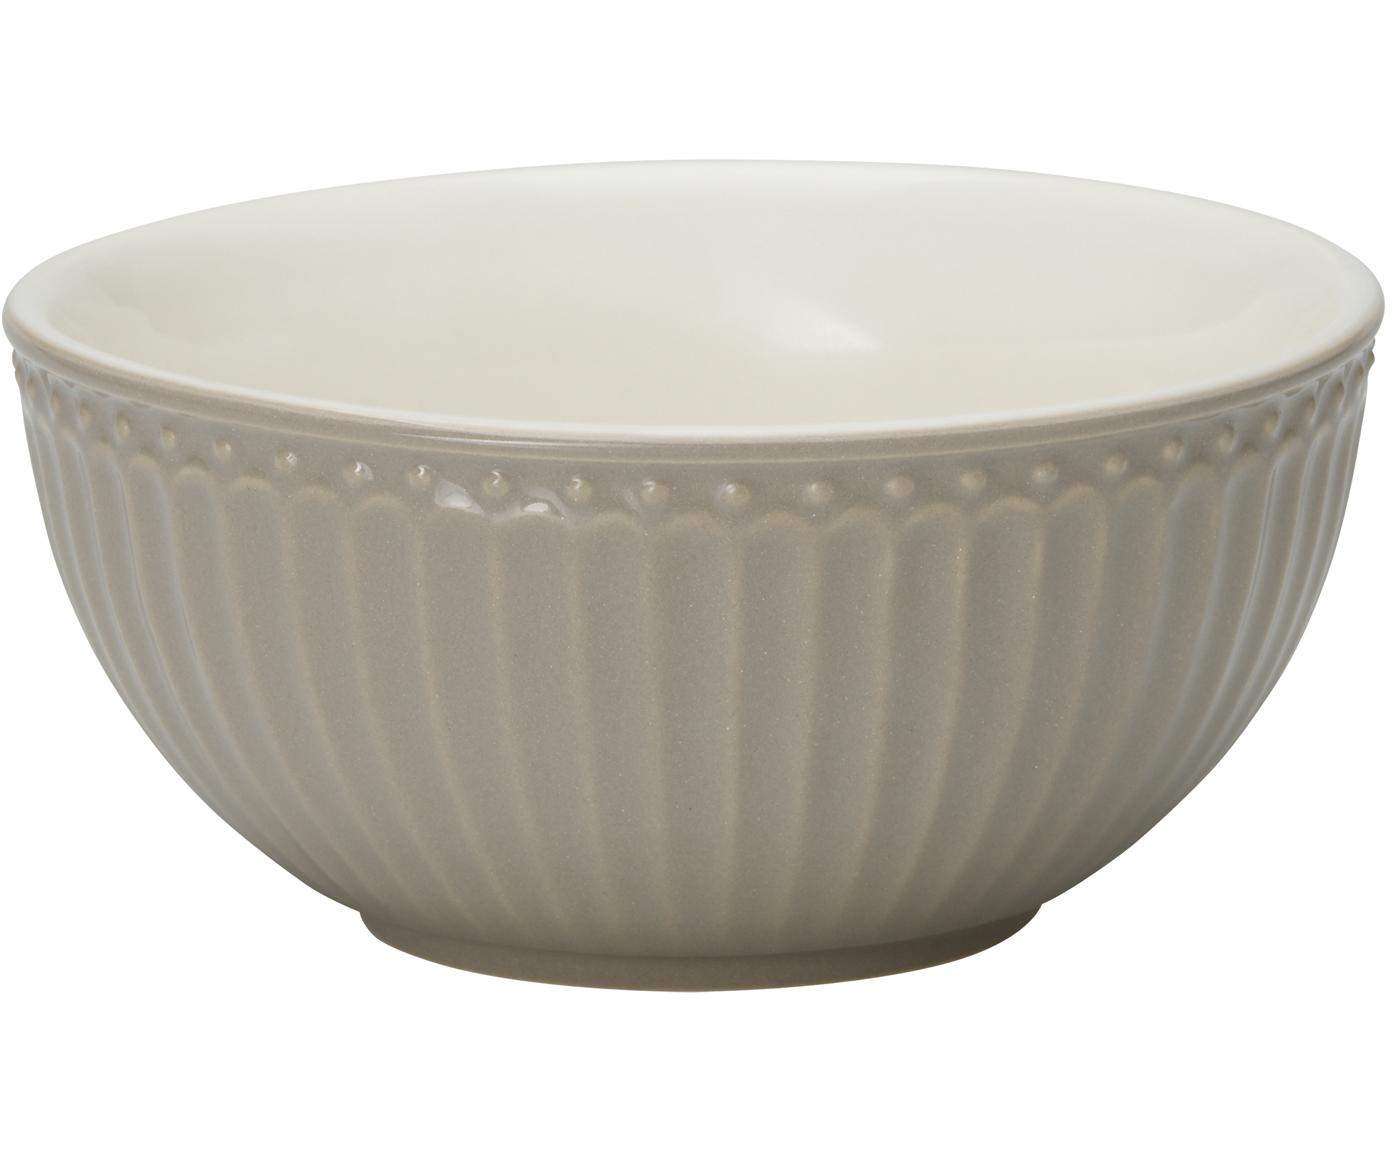 Miska Alice, 2 szt., Porcelana, Szary, Ø 14 cm